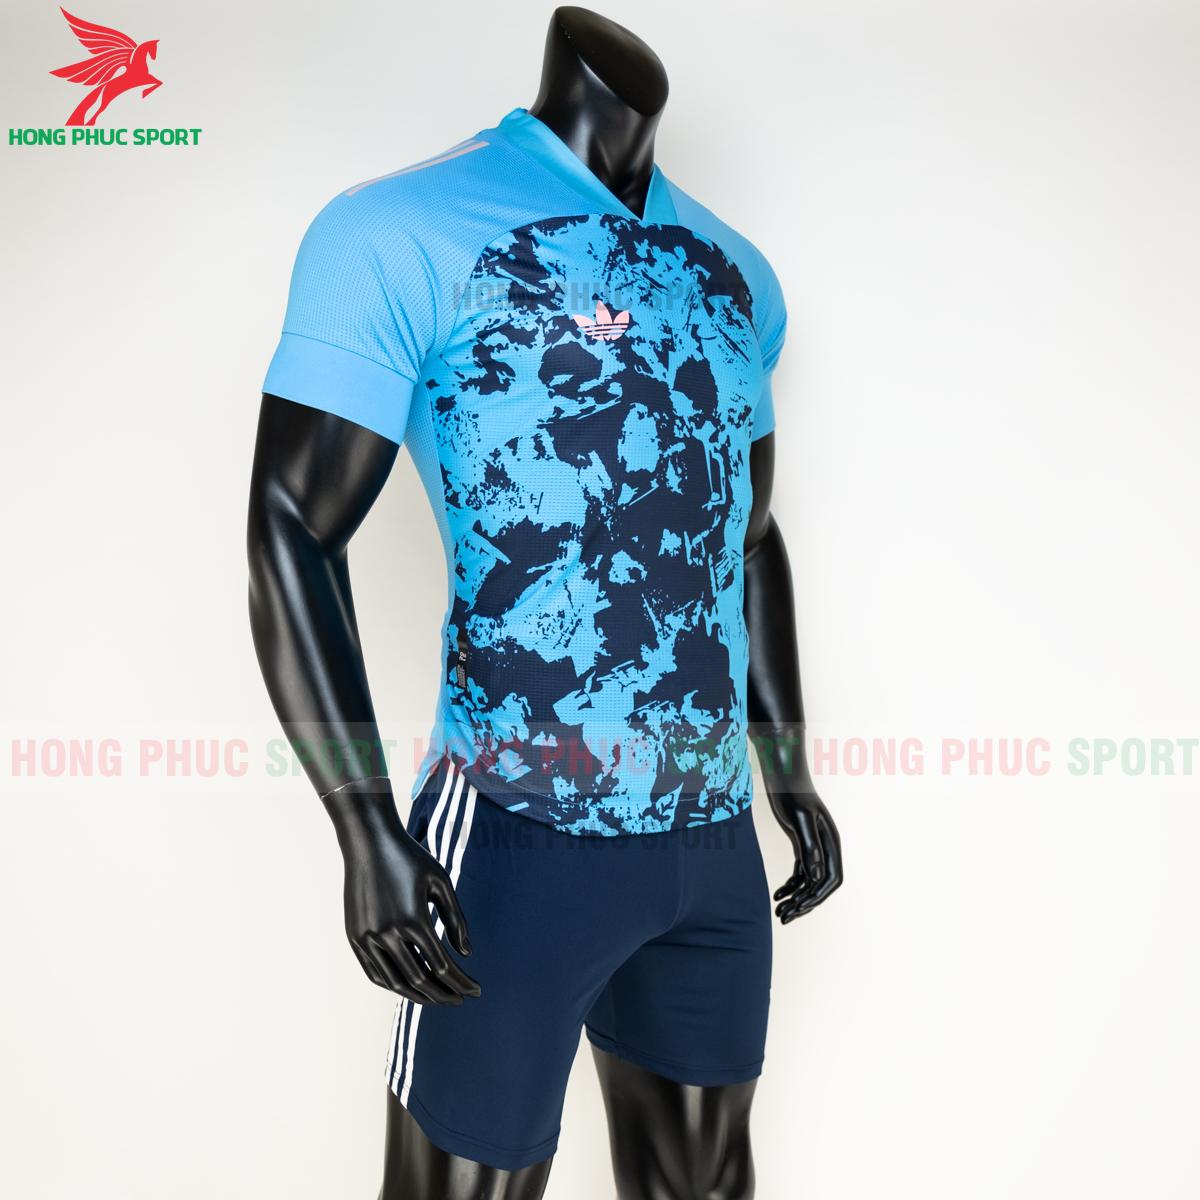 Áo đá banh không logo Condivo ba lá Adidas 2020 2021 mẫu 5 (phải)